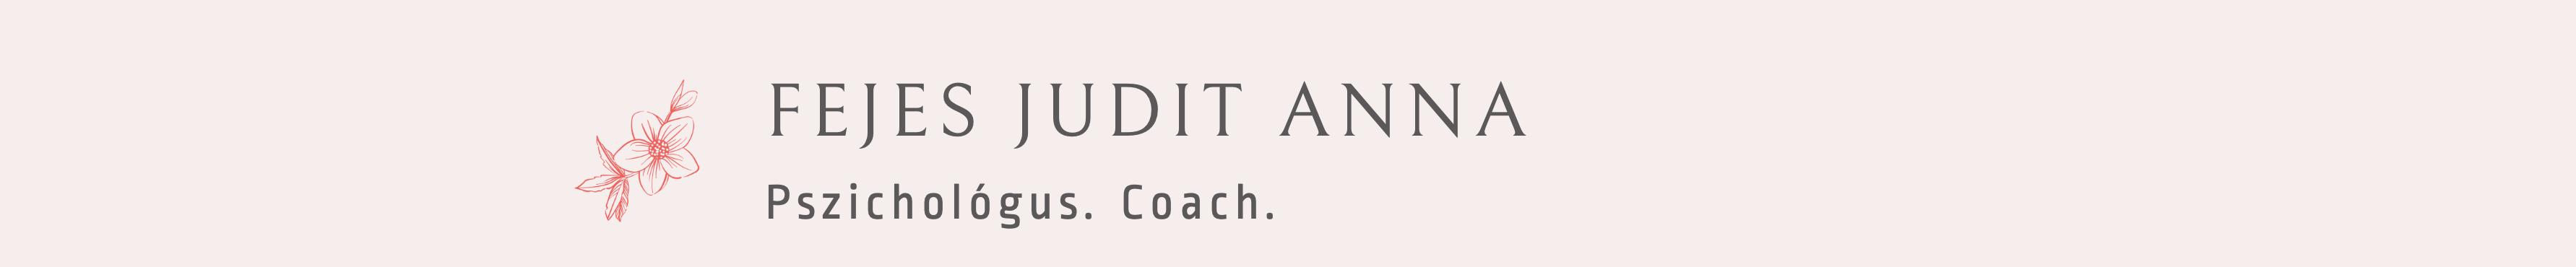 Fejes Judit Anna – Pszichológus. Coach.